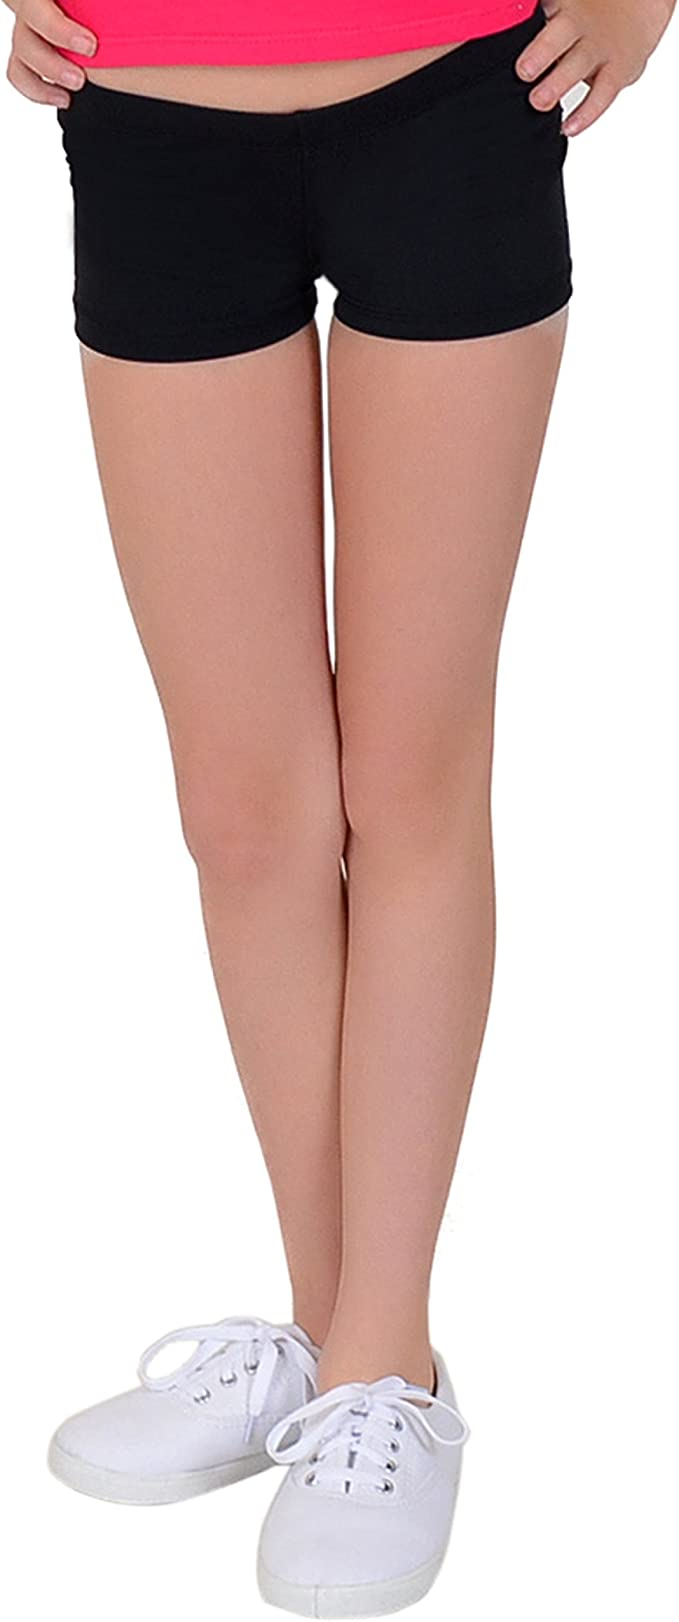 Girls In Booty Panties Png